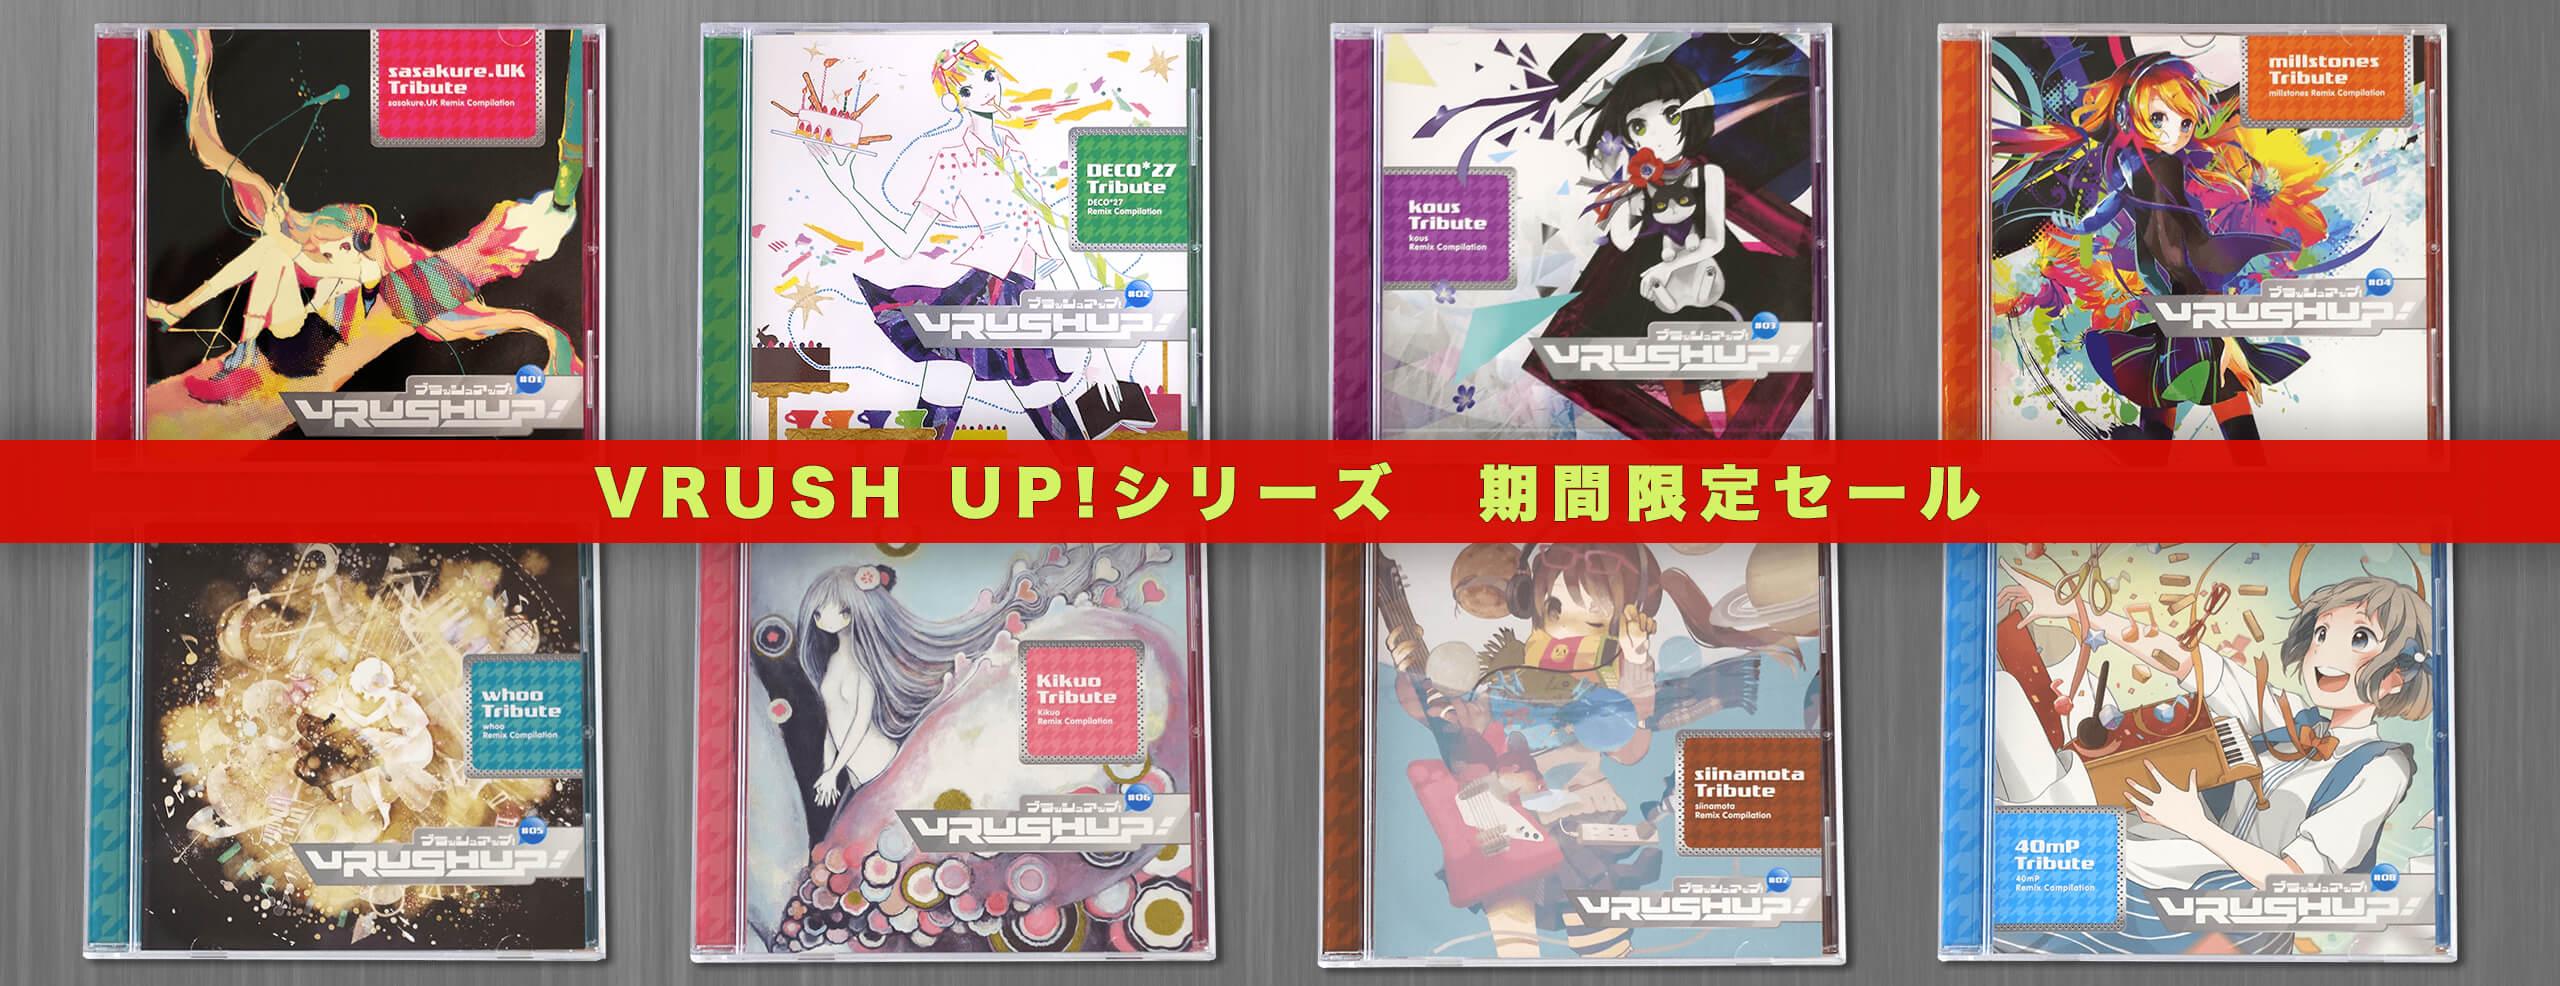 【3/31~6/30】『VRUSH UP!』シリーズセール!